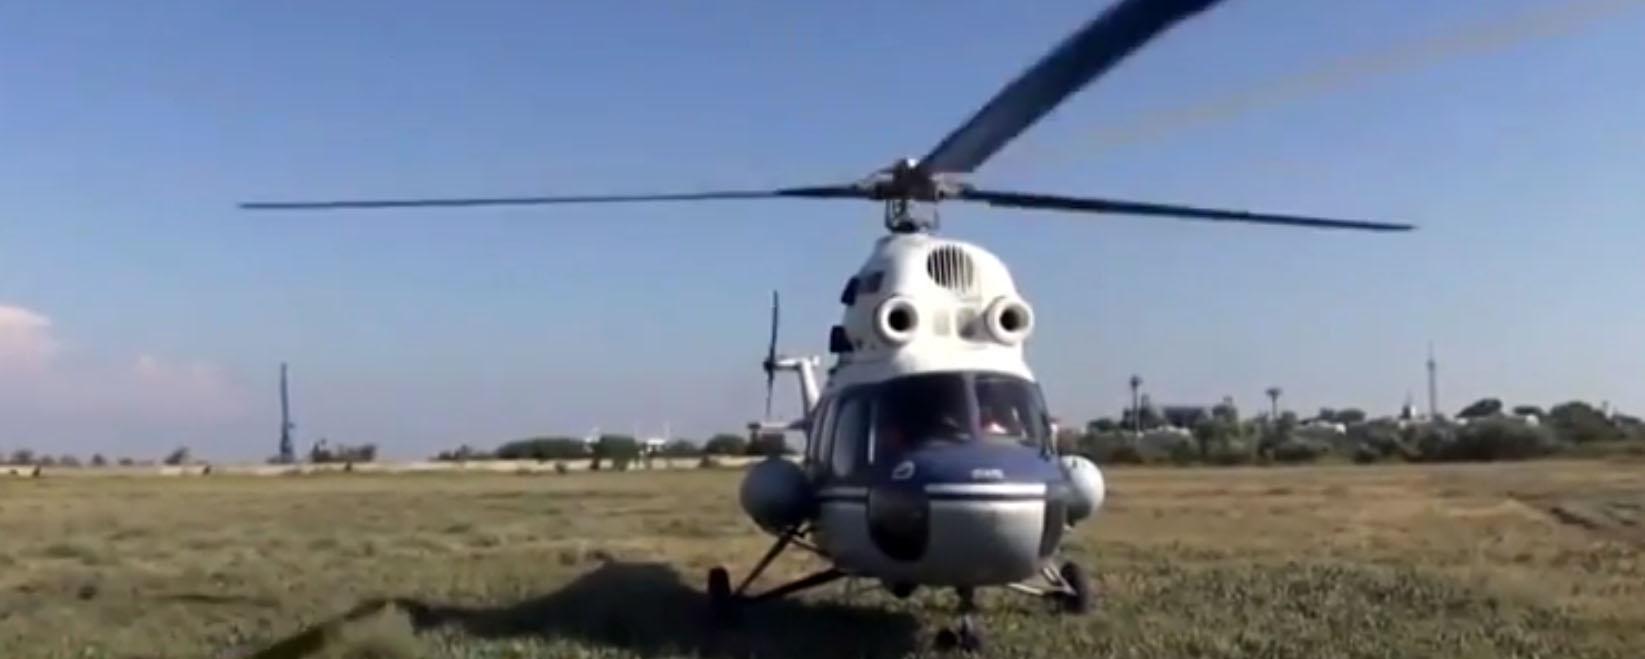 Ми-2 готов лететь в Крым